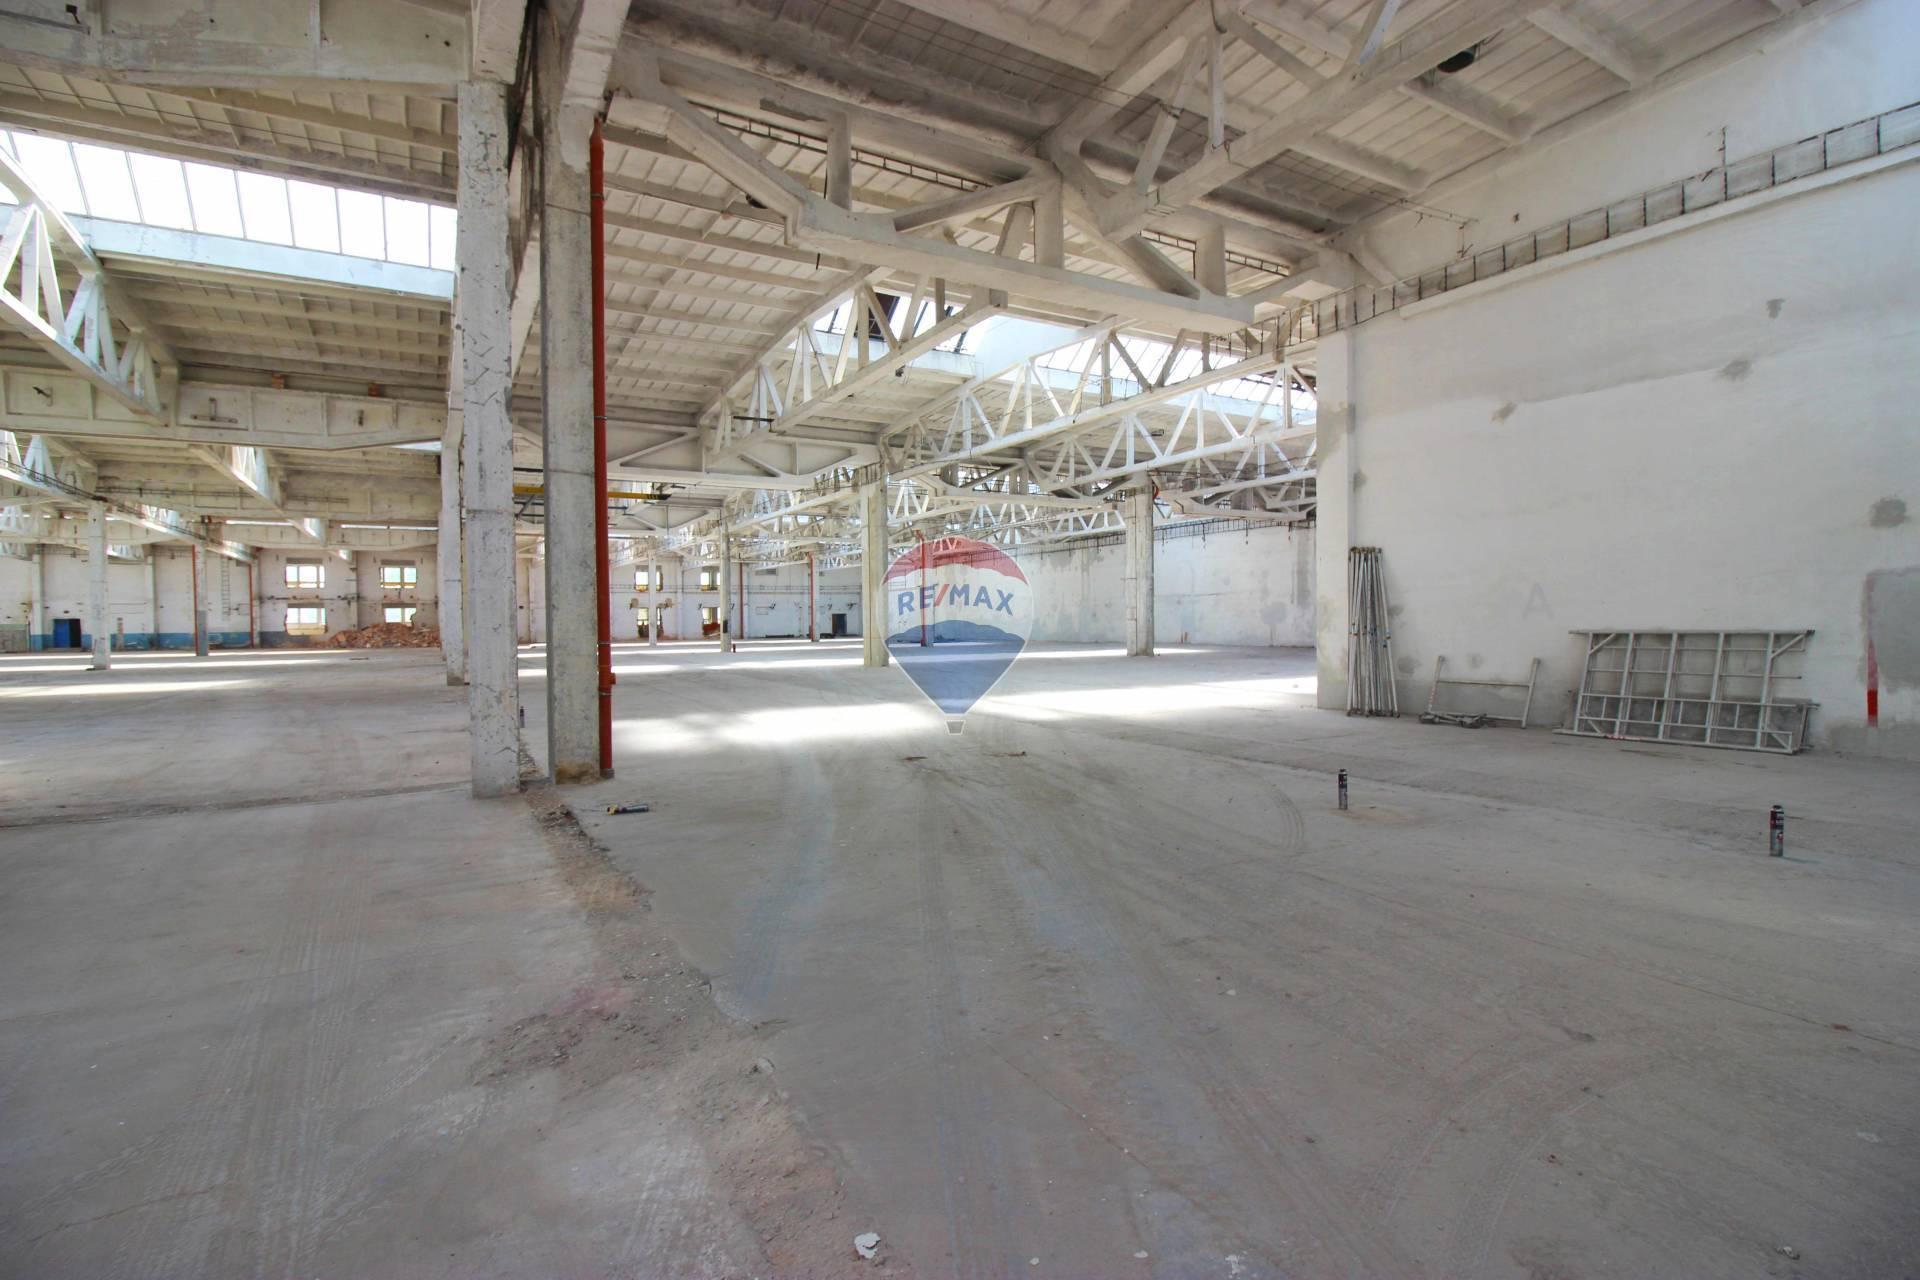 Prenájom komerčného objektu 9800 m2, Nitra - PRENÁJOM priemyselná hala 9.800  m2, Nitra Dolné Krškany